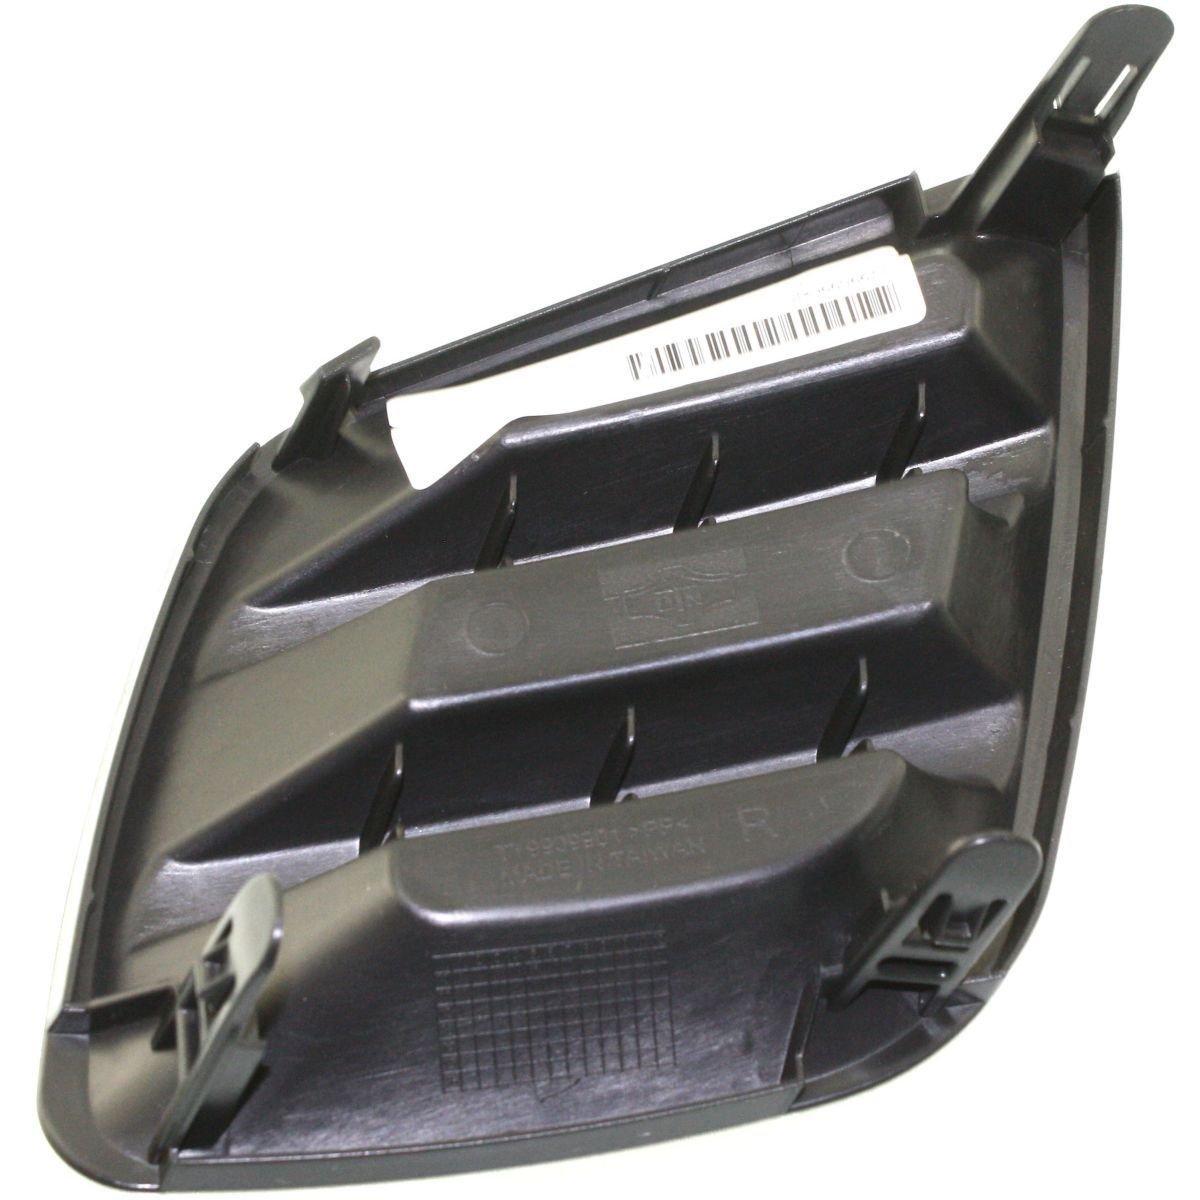 DAT 09-12 TOYOTA RAV4 FOR BASE AND SPORT MODELS BLACK FOG LAMP COVER RIGHT PASSENGER SIDE TO1039127